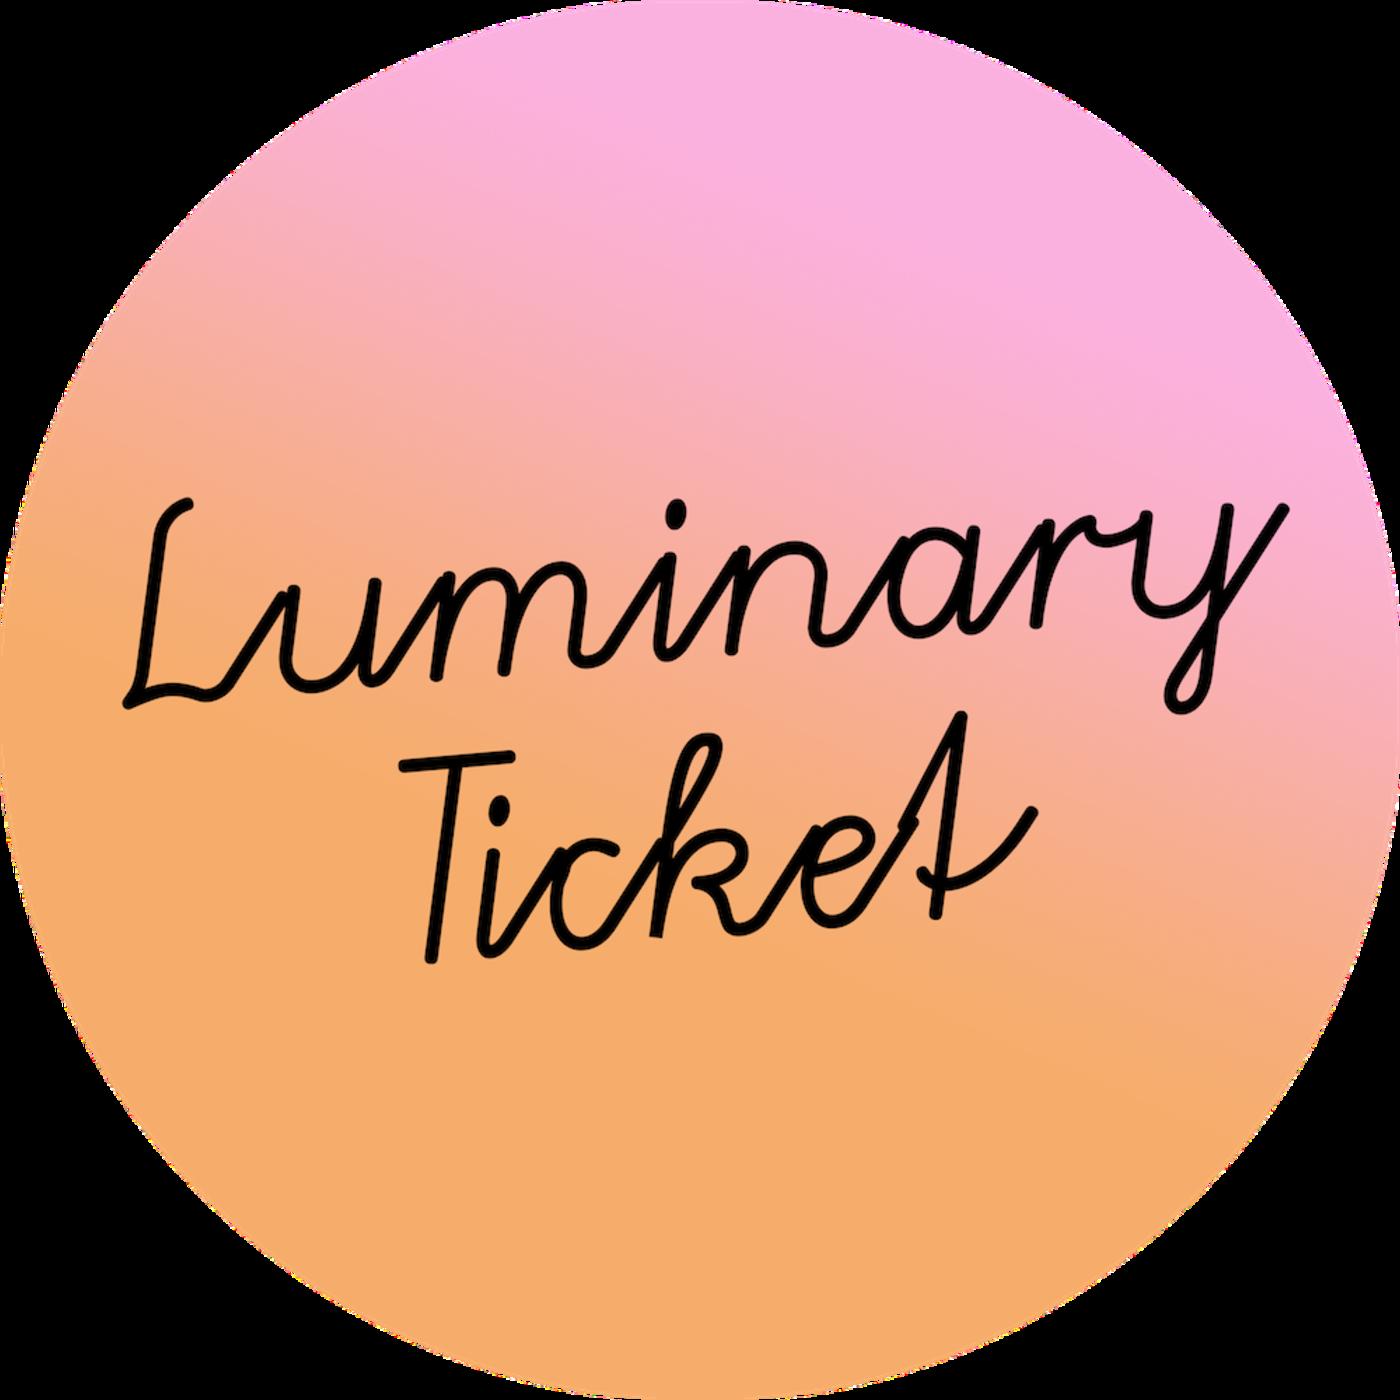 Luminary ticket icon